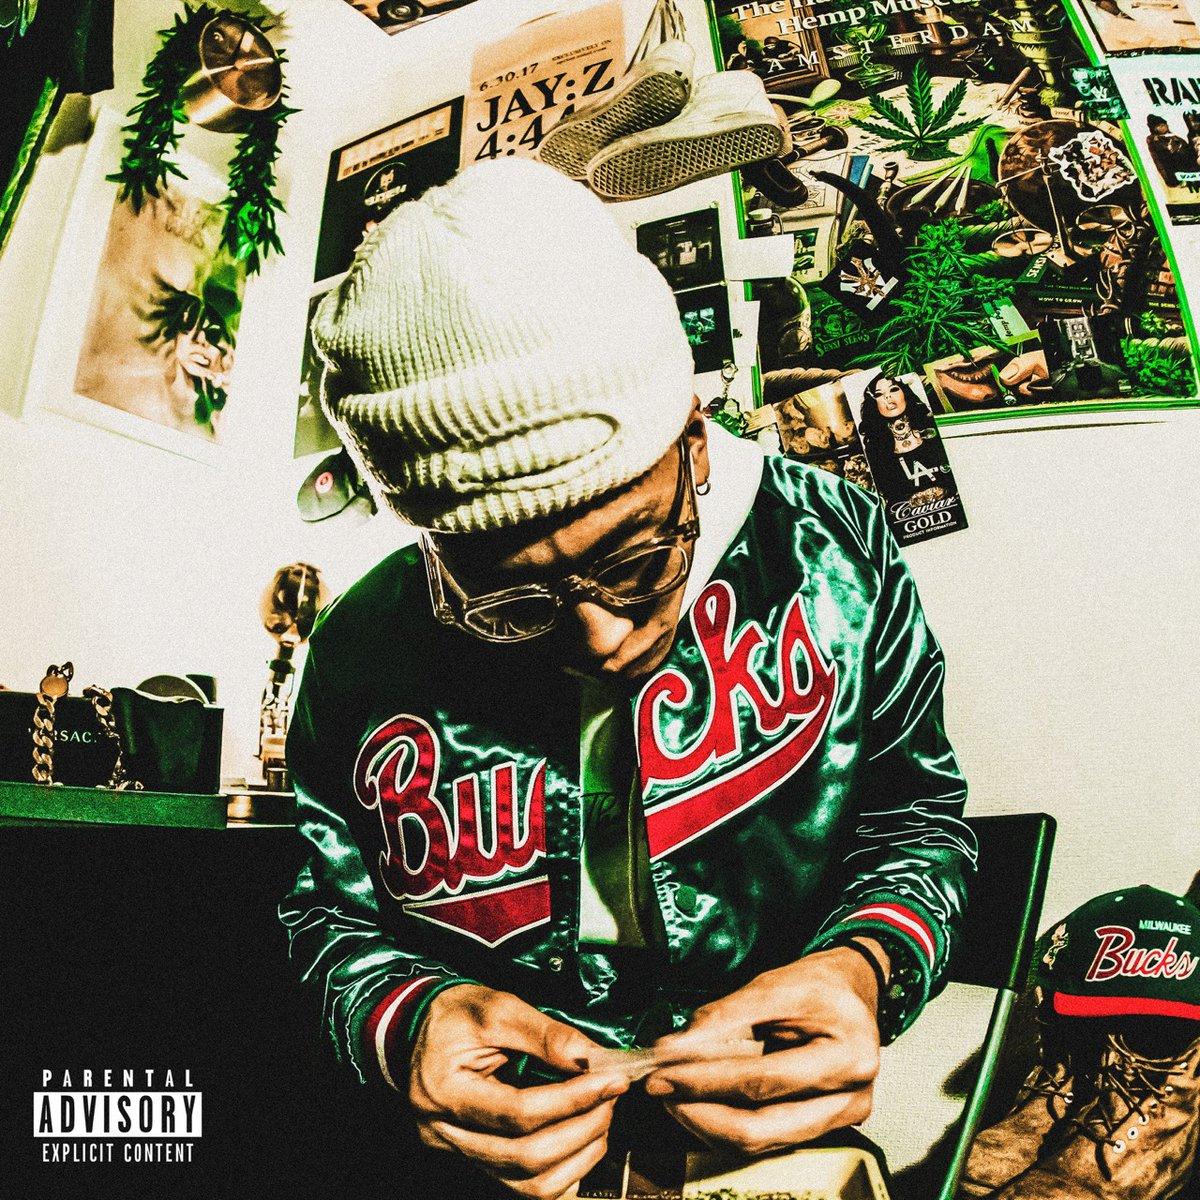 『¥ellow Bucks - Balls Out feat. MIYACHI, Shurkn Pap』収録の『Jungle』ジャケット